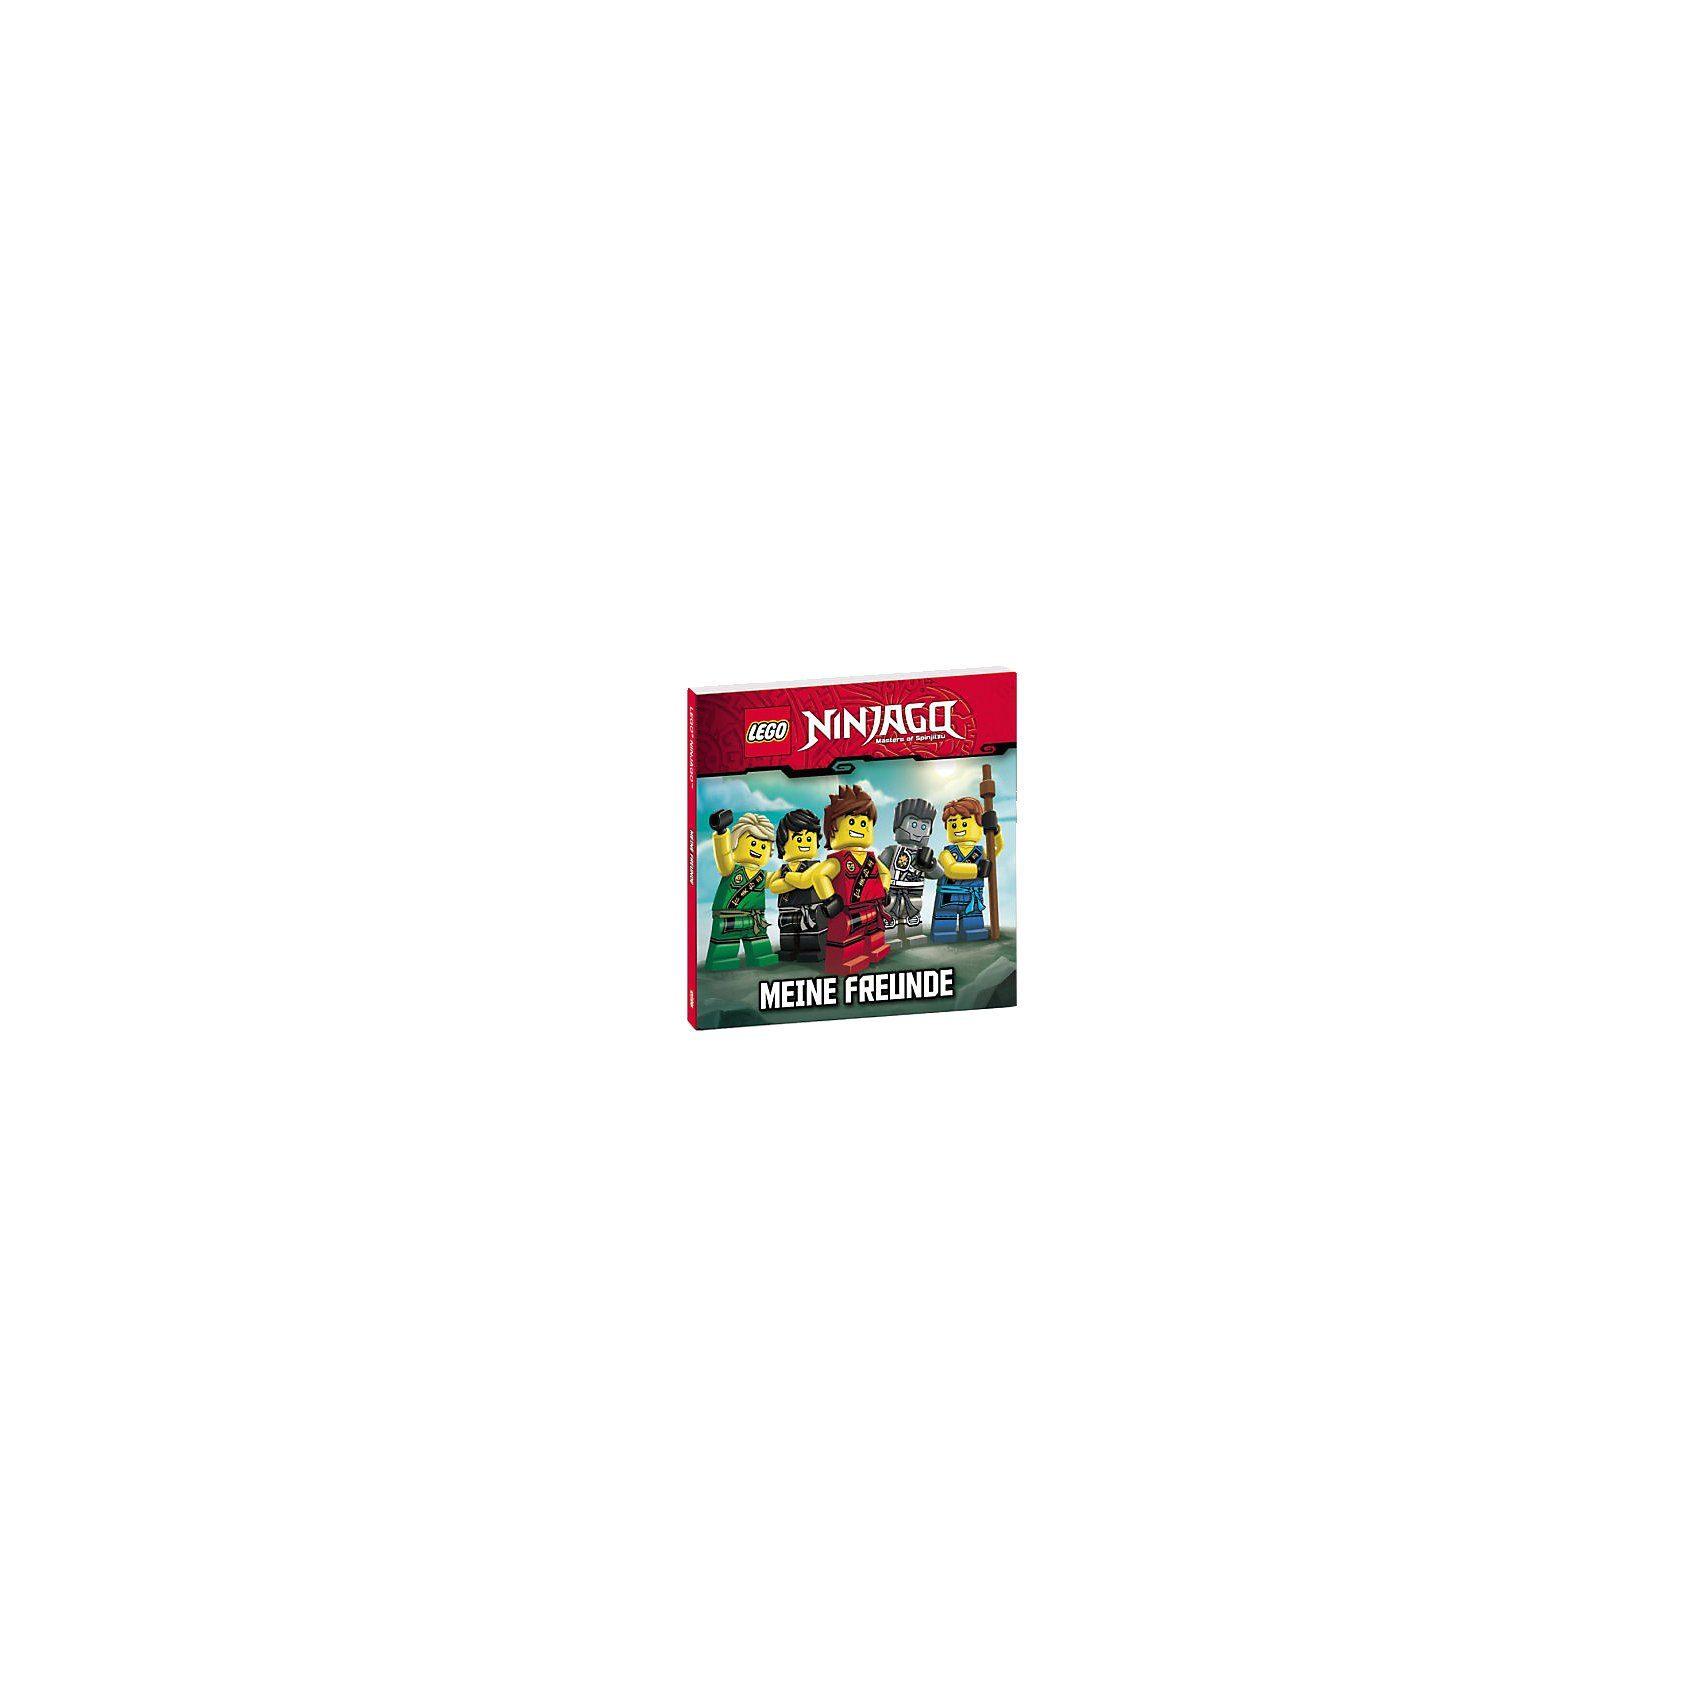 LEGO Ninjago: Meine Freunde, Album